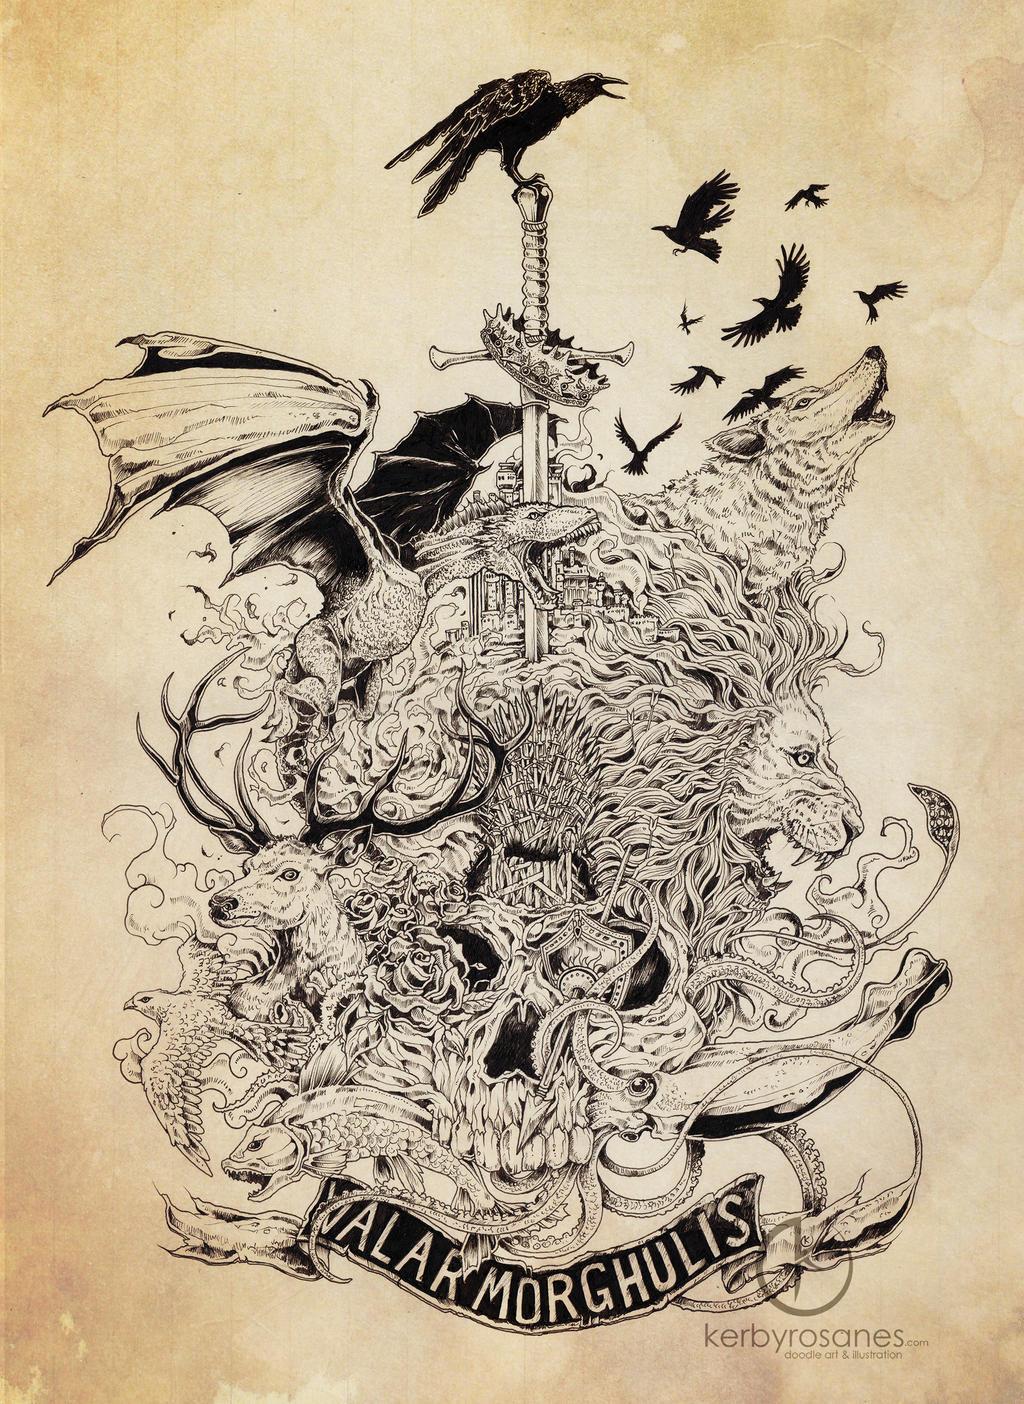 Valar Morghulis by kerbyrosanes